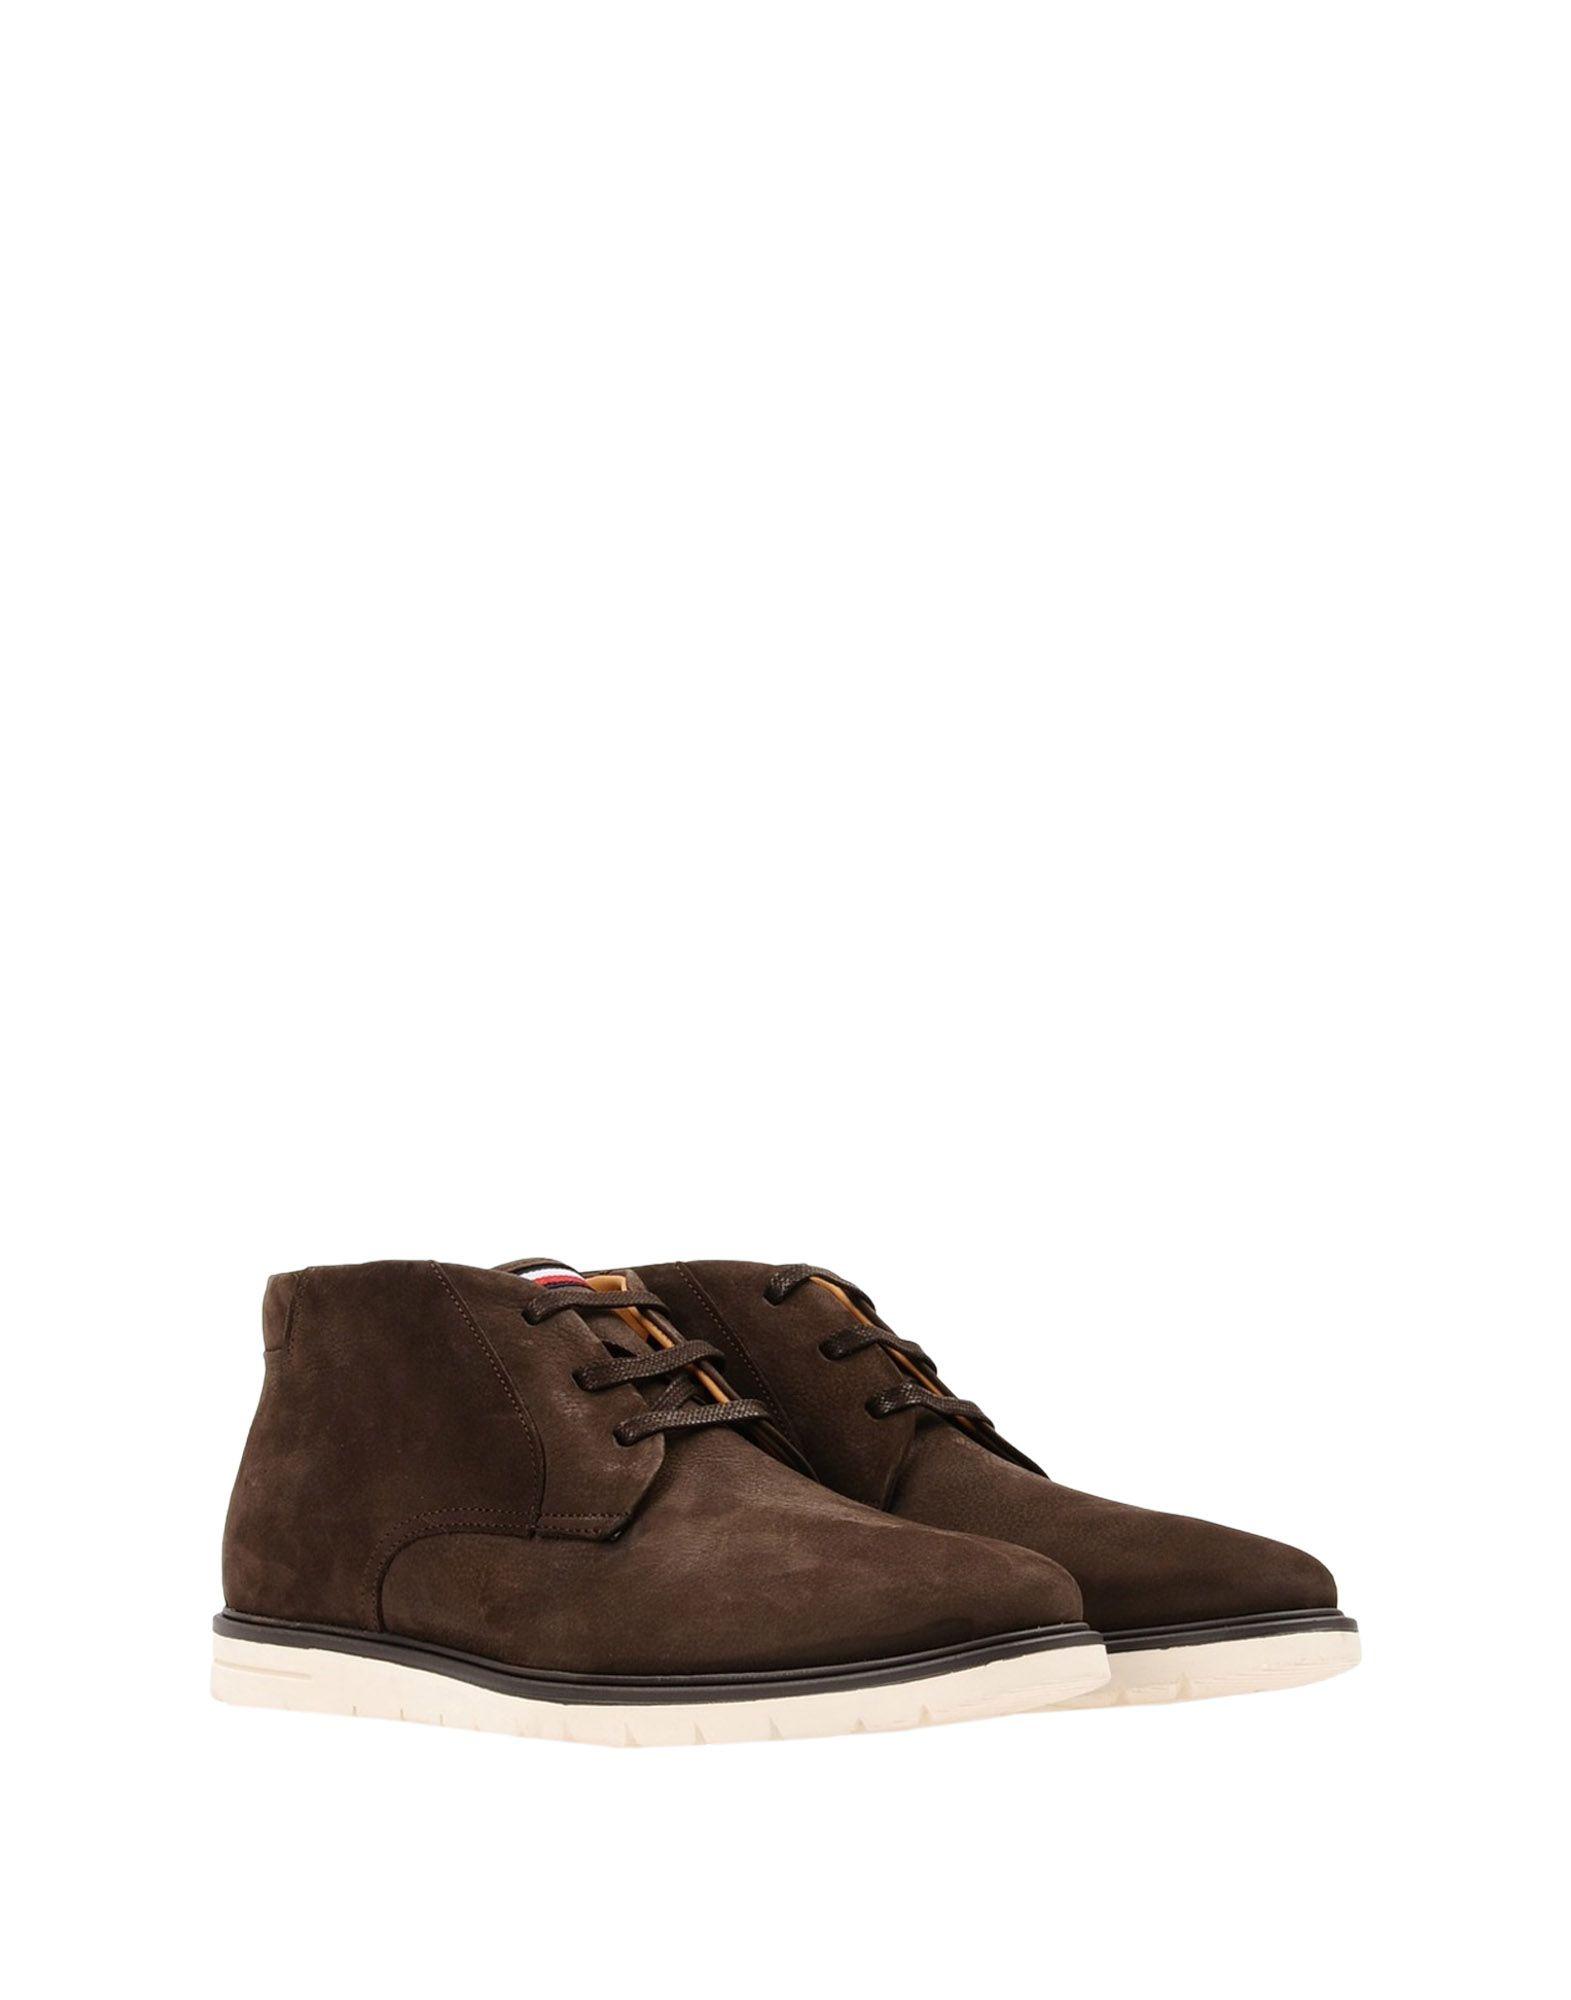 Rabatt echte Schuhe  Tommy Hilfiger Stiefelette Herren  Schuhe 11417557DO 436263